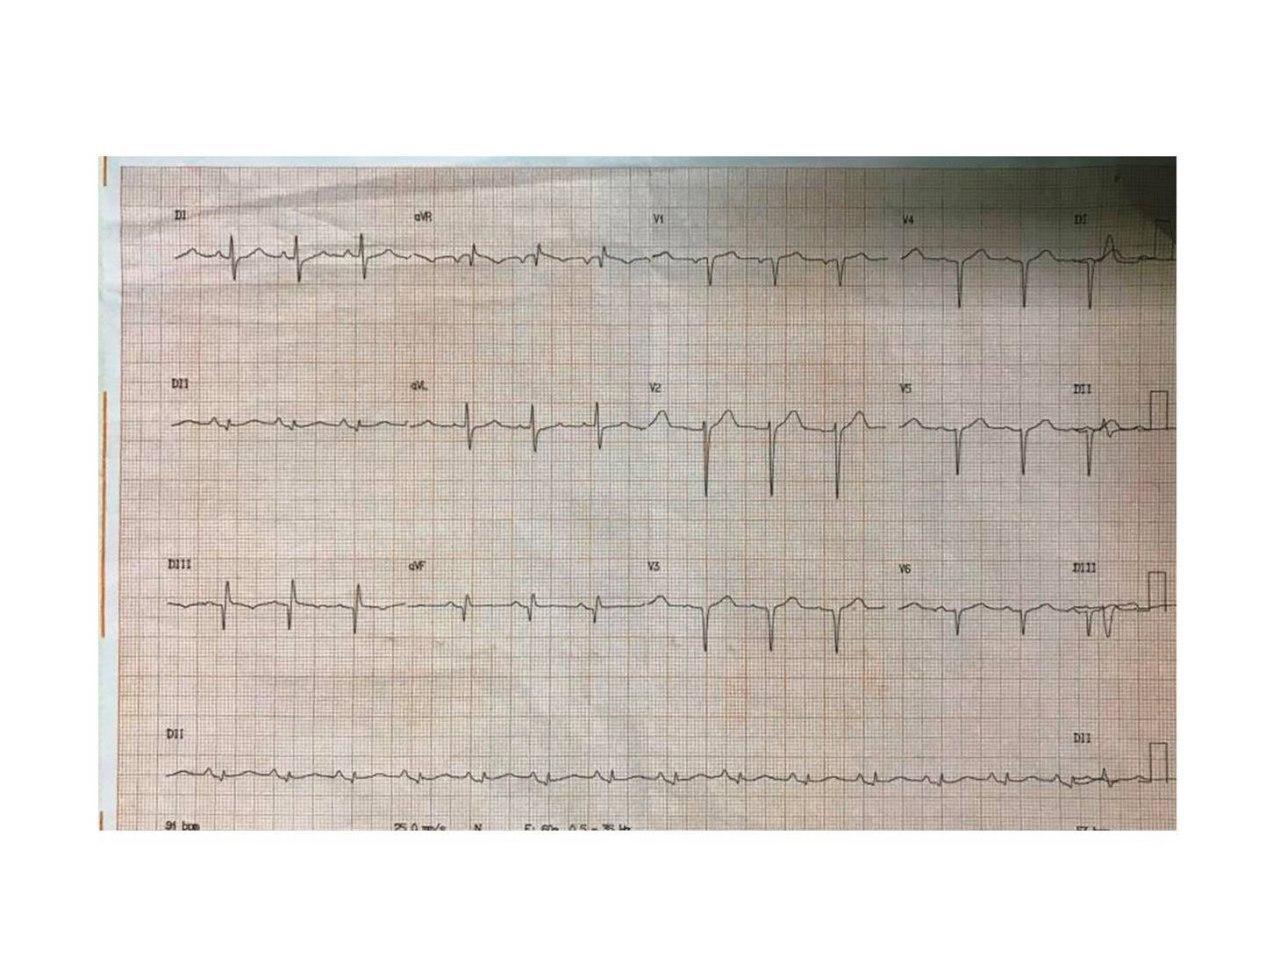 Mujer de 61 años hipertensa y diabética con precordialgia atípica y presencia de ondas Q en cara inferior que se interpretan como no patológicas por su duración normal